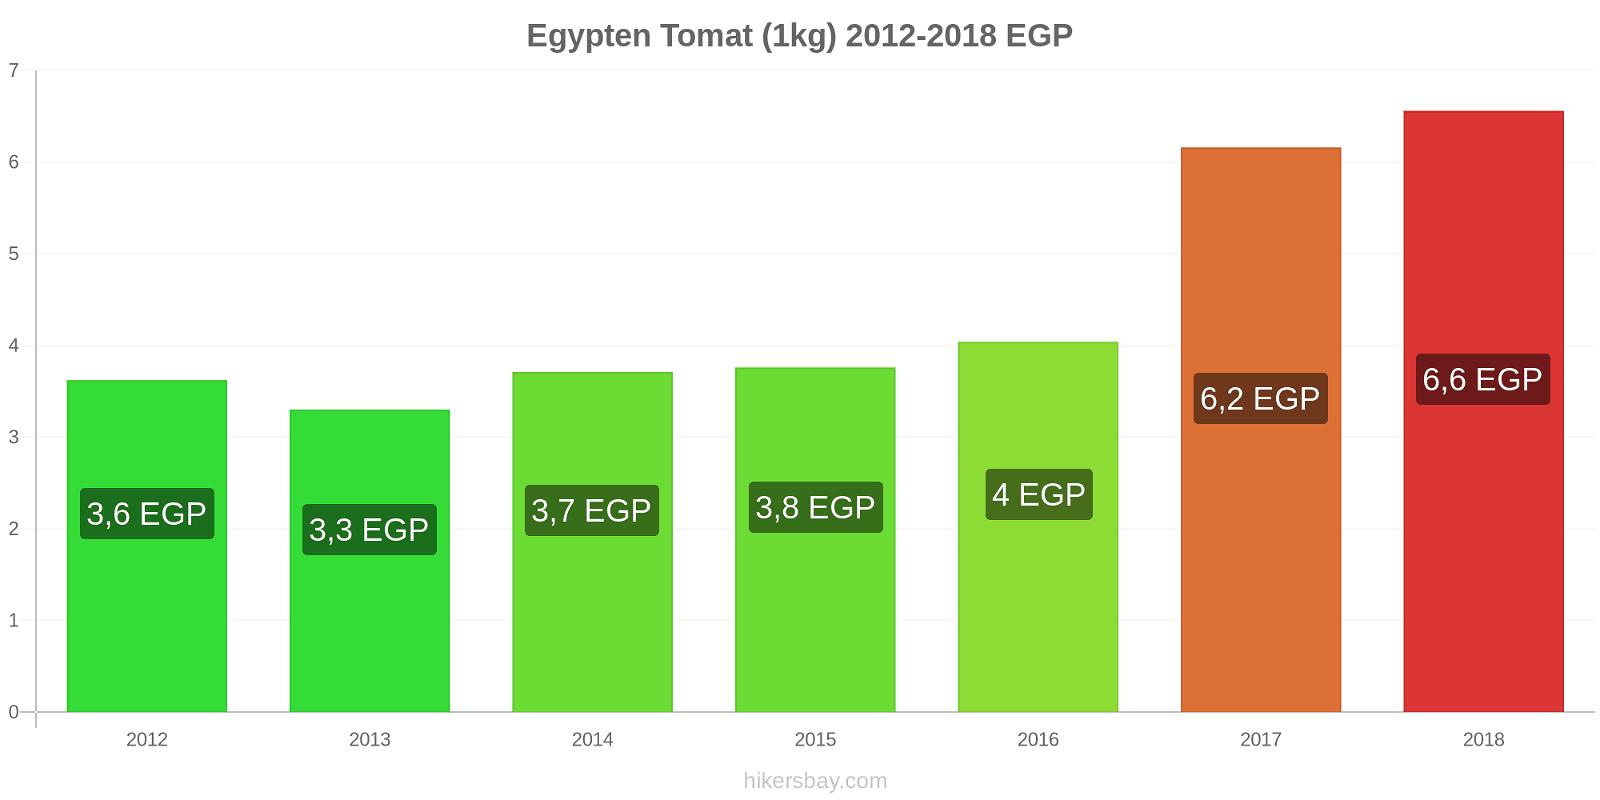 Egypten prisændringer Tomat (1kg) hikersbay.com